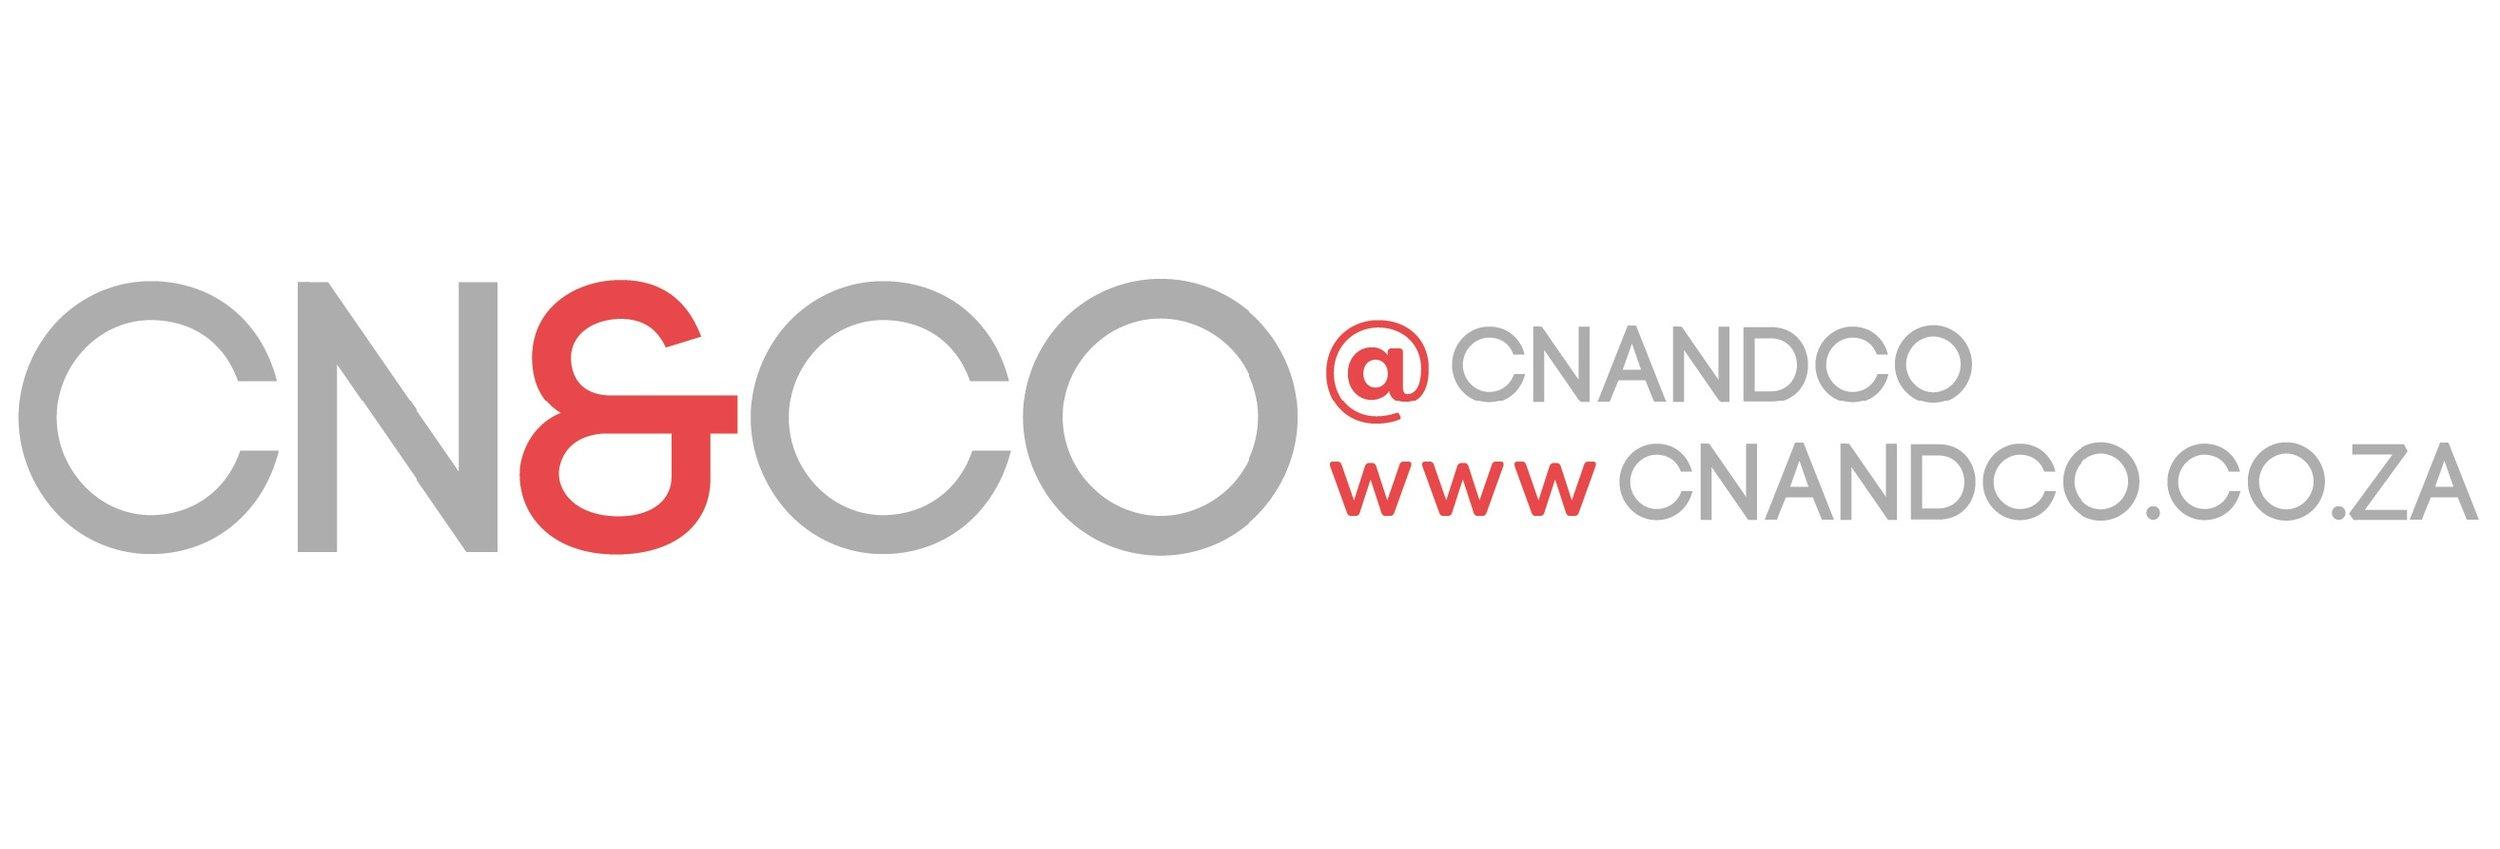 CNCO-handles.jpg